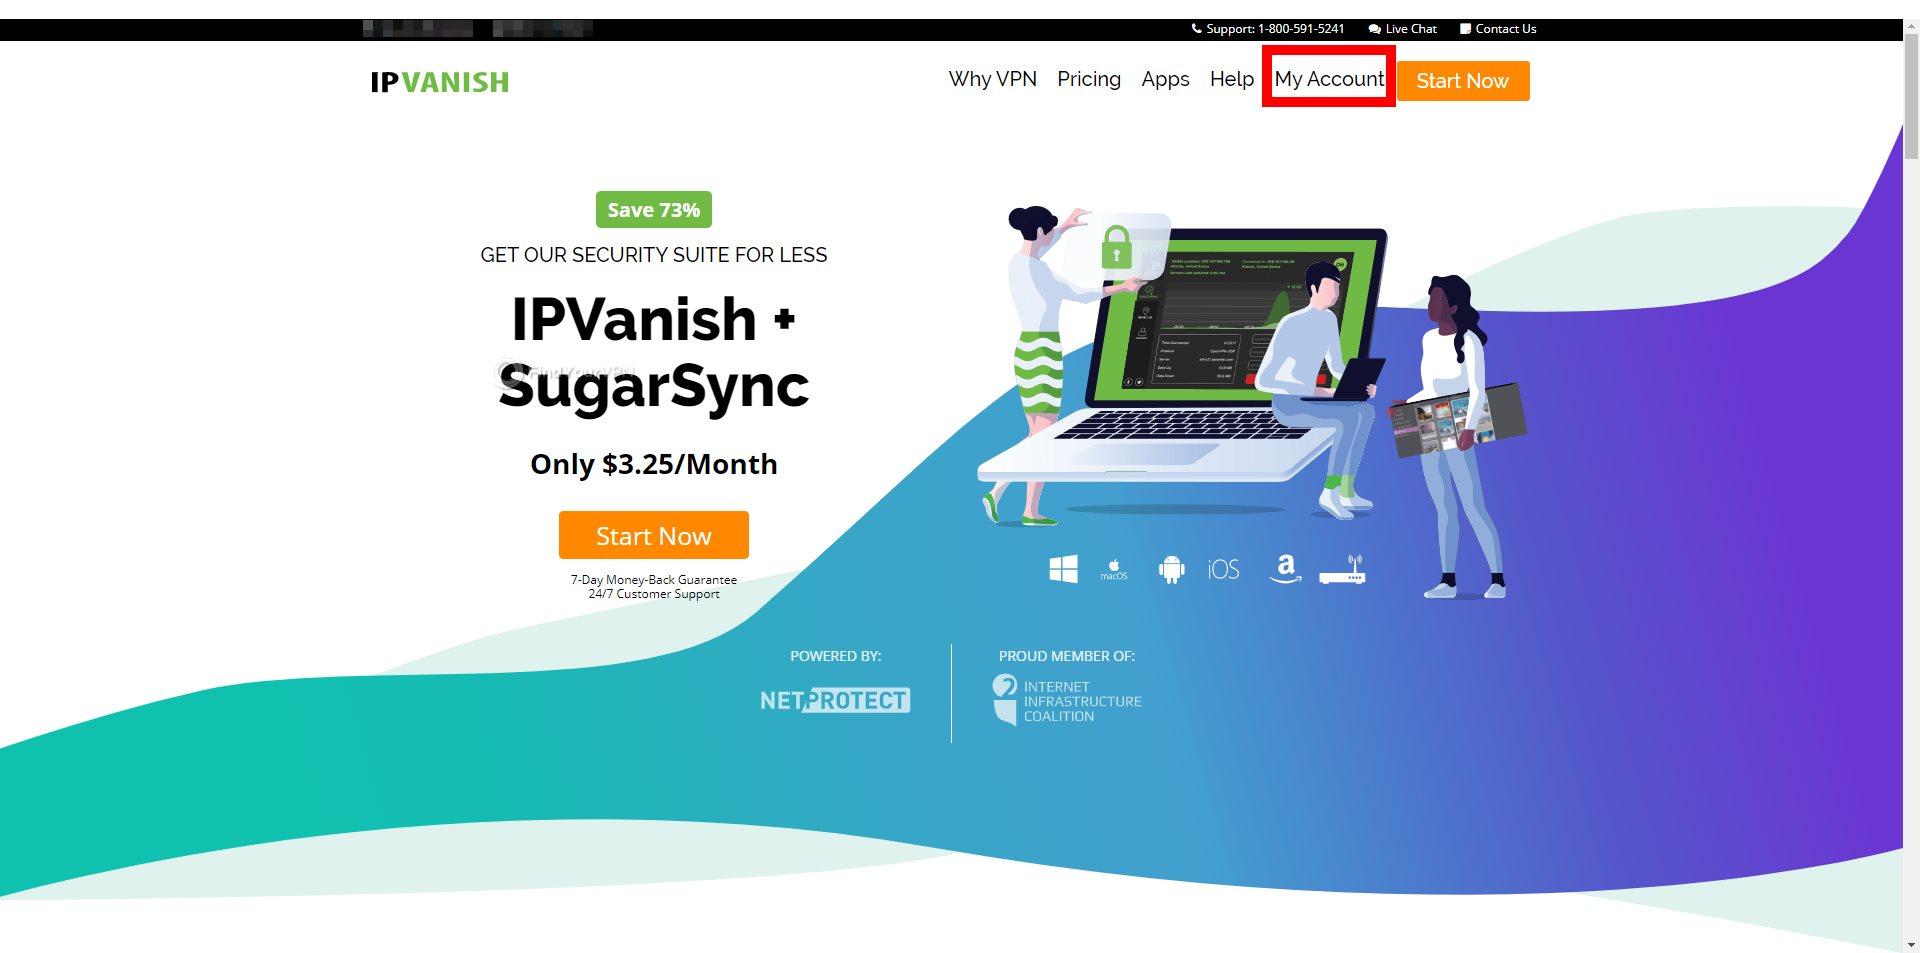 IPVanish Main Homepage Account Button